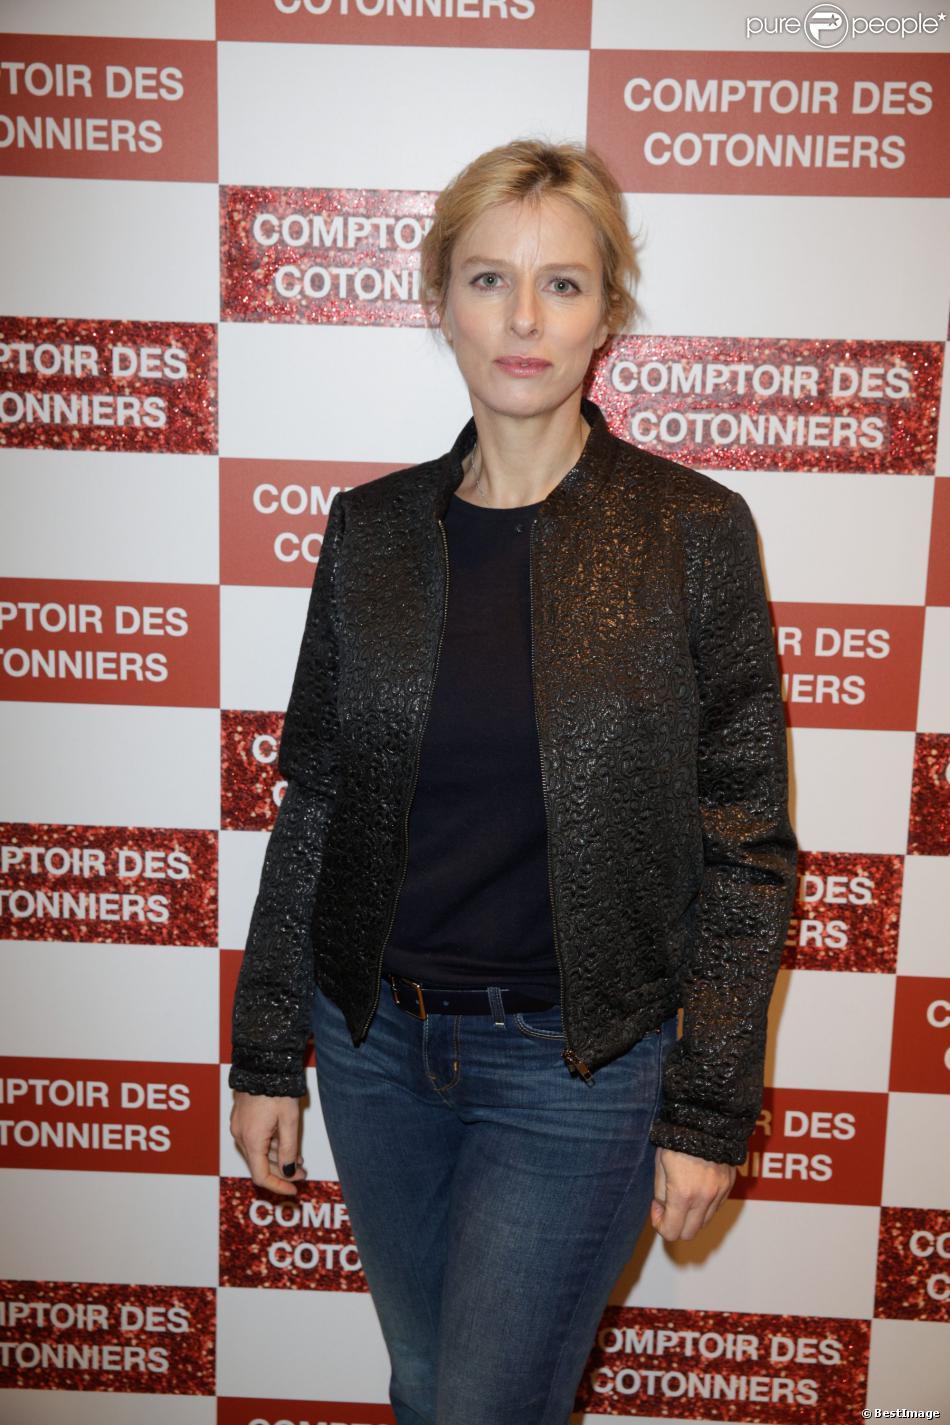 Karine viard lors de l 39 inauguration d 39 une nouvelle boutique comptoir des cotonniers paris - Boutiques comptoir des cotonniers ...